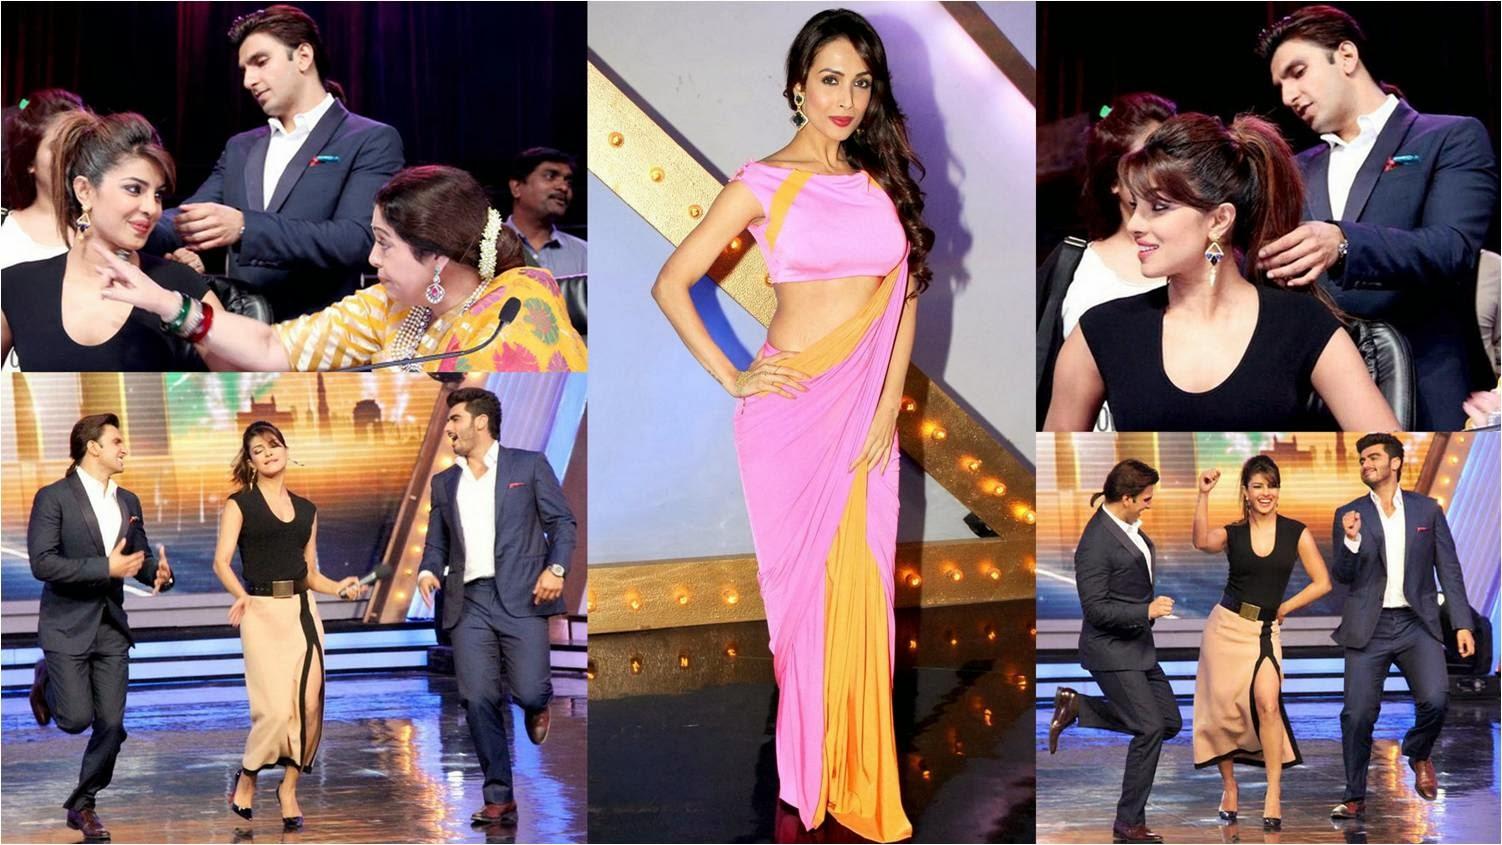 Arjun Kapoor, Priyanka Chopra and Ranveer Singh at India's Got Talent with Malaika and Kiran Kher